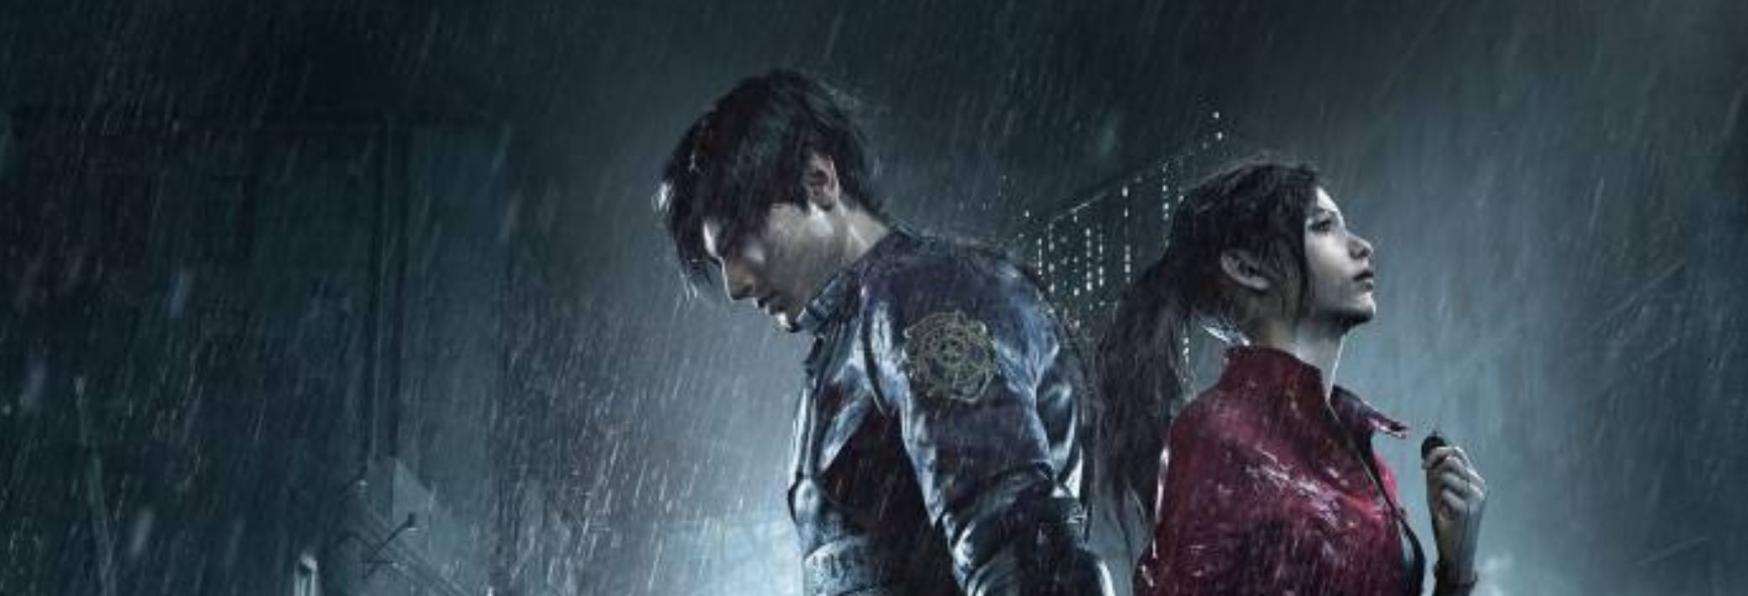 Resident Evil: Infinite Darkness - Netflix Rilascia il Poster e la Sinossi della nuova Serie Animata